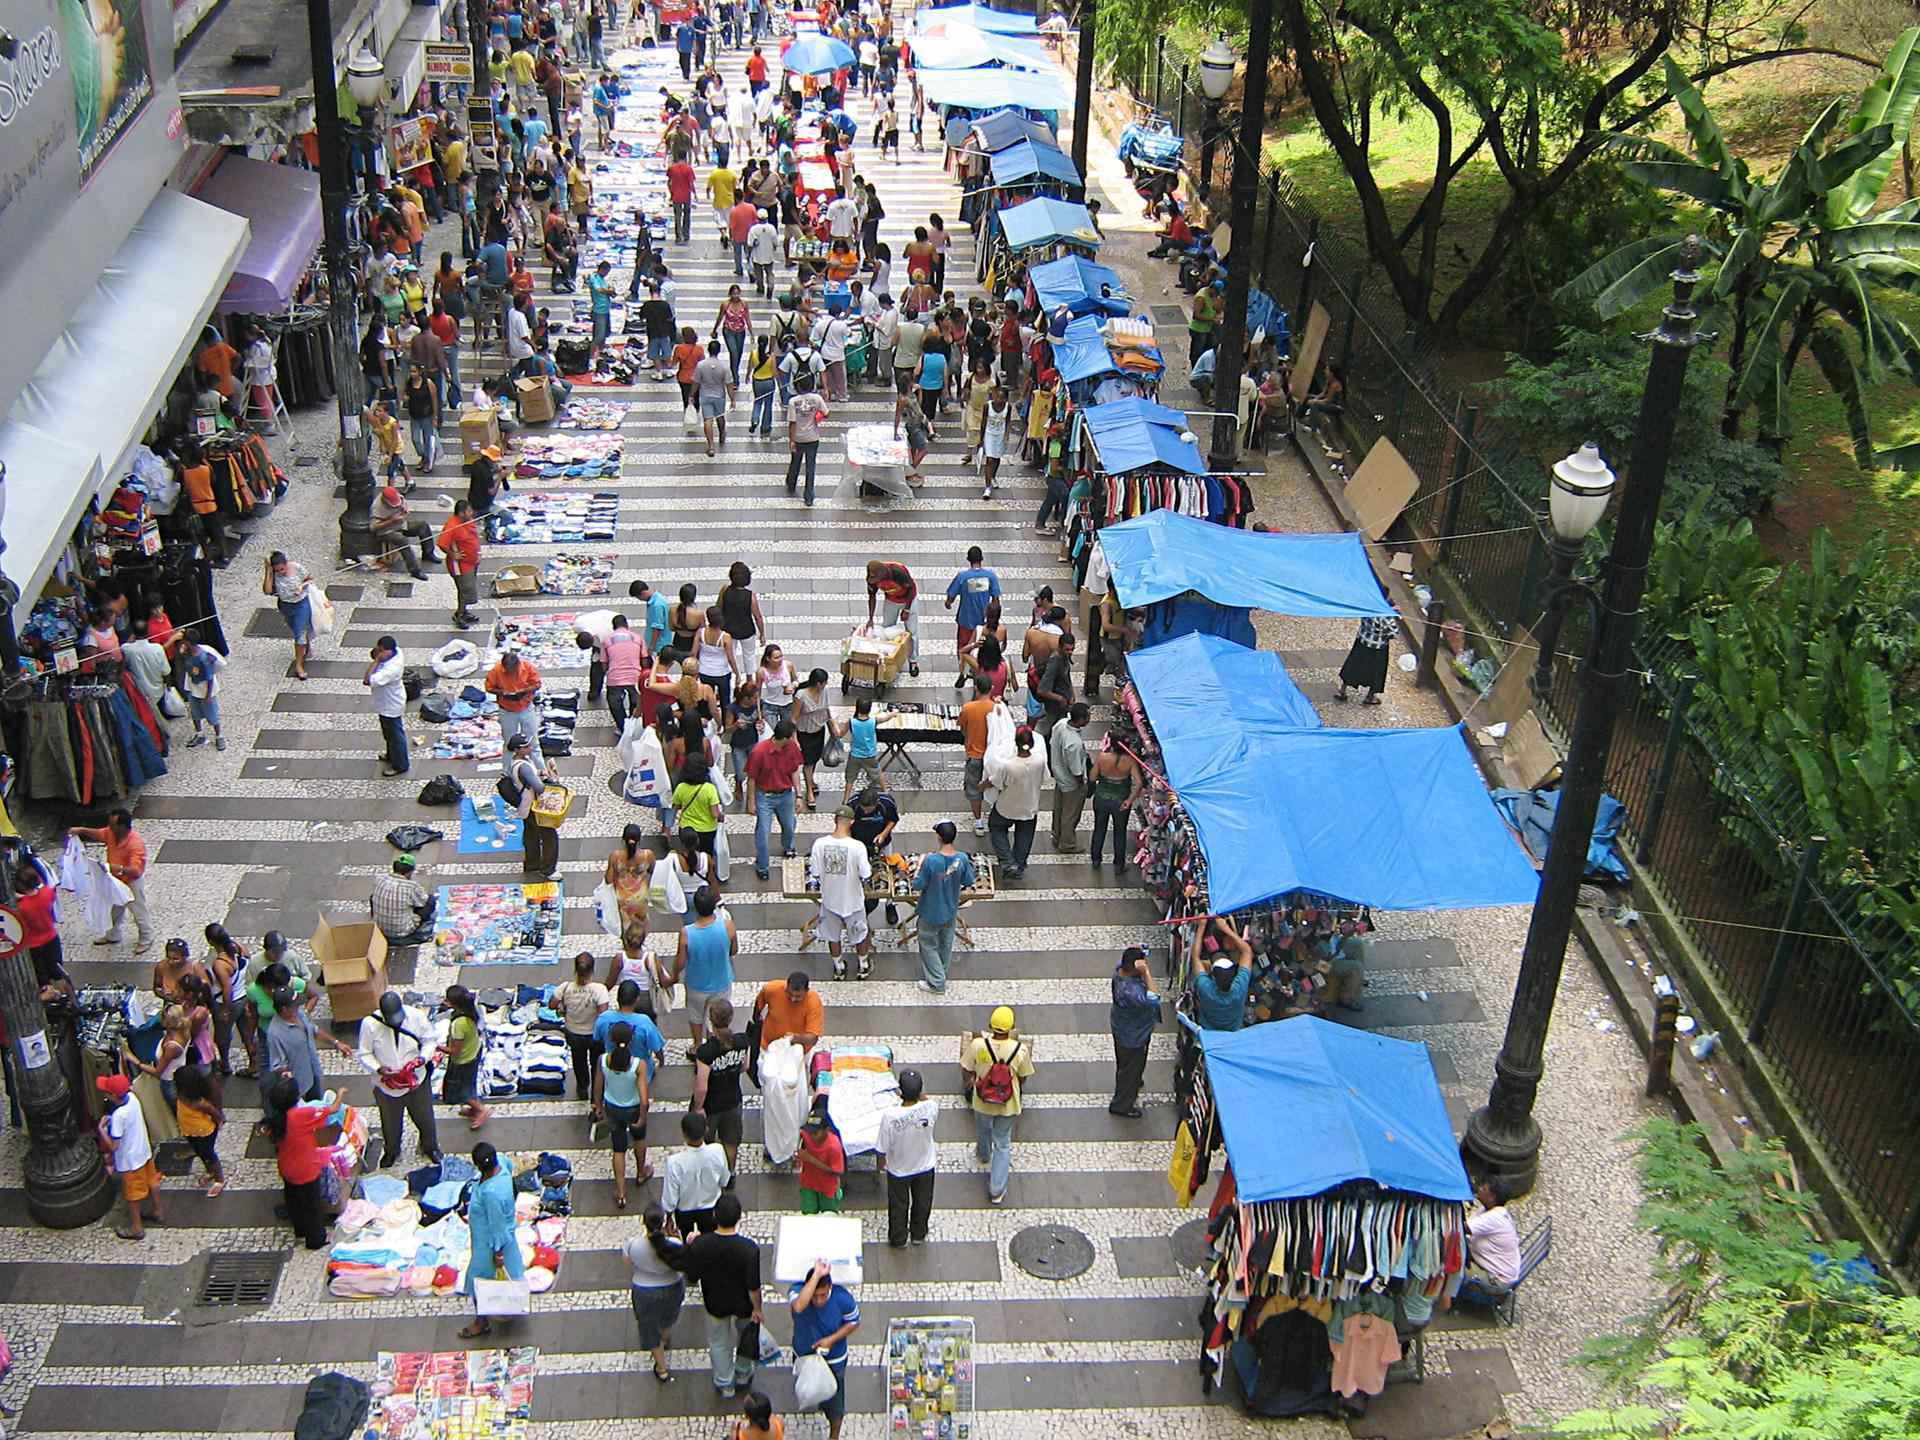 Mercado de rua: trabalho informal se incorpora ao processo global de produção e circulação de riquezas